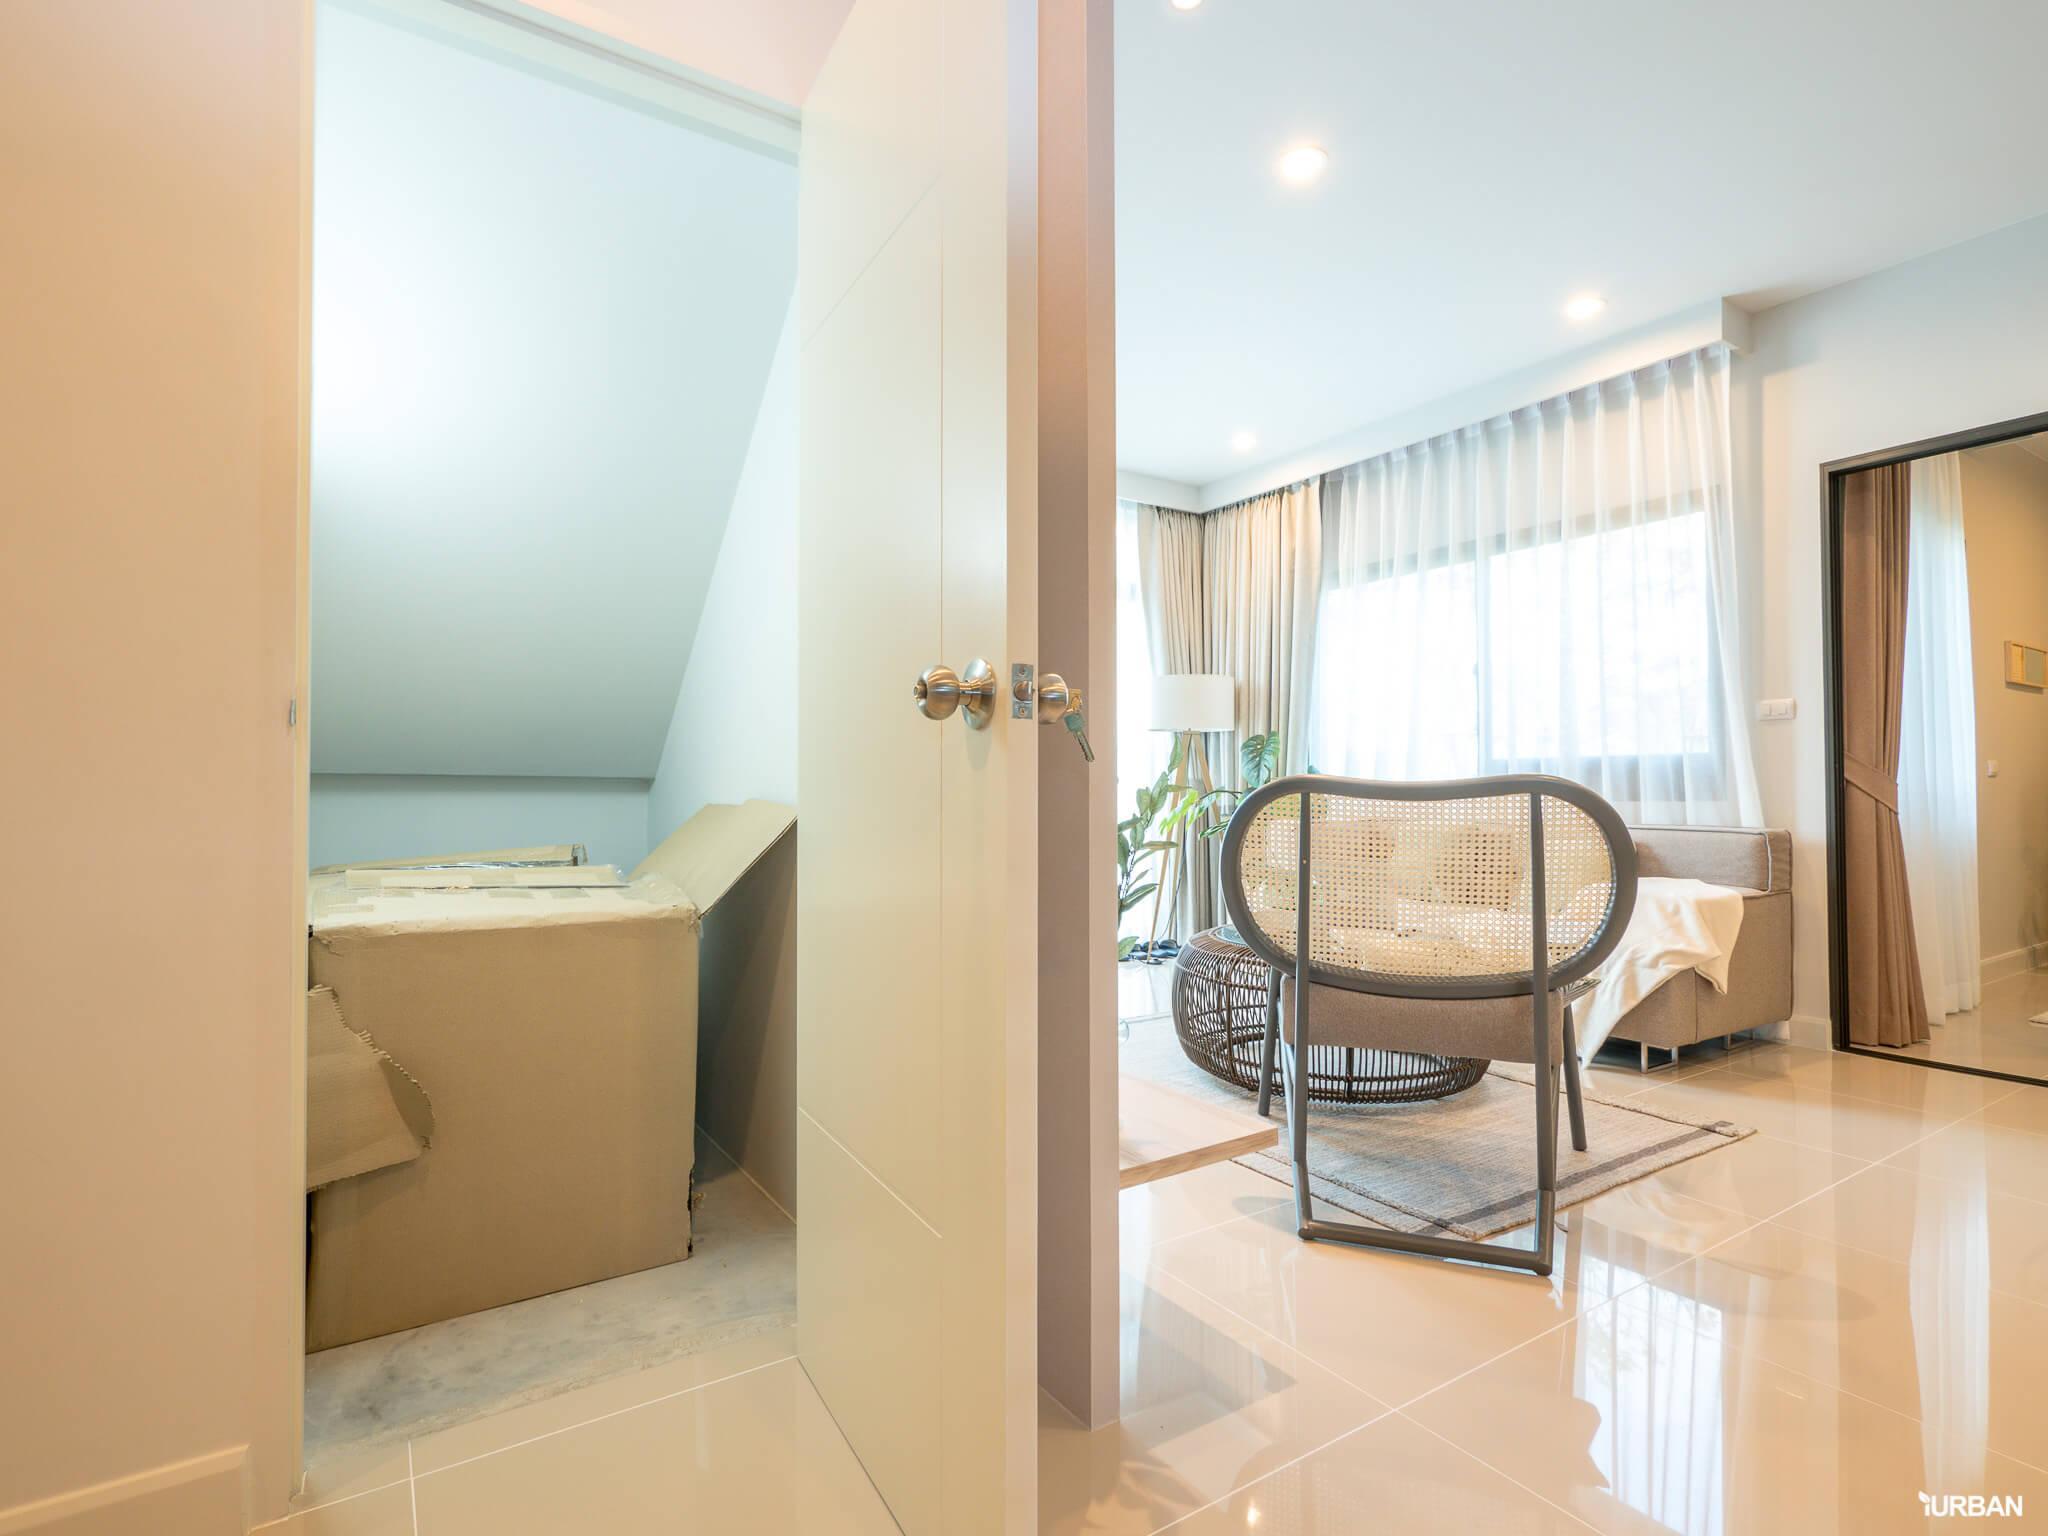 รีวิว อณาสิริ ชัยพฤกษ์-วงแหวน เมื่อแสนสิริออกแบบบ้านใหม่ Feel Just Right ใช้งานได้ลงตัว 93 - Anasiri